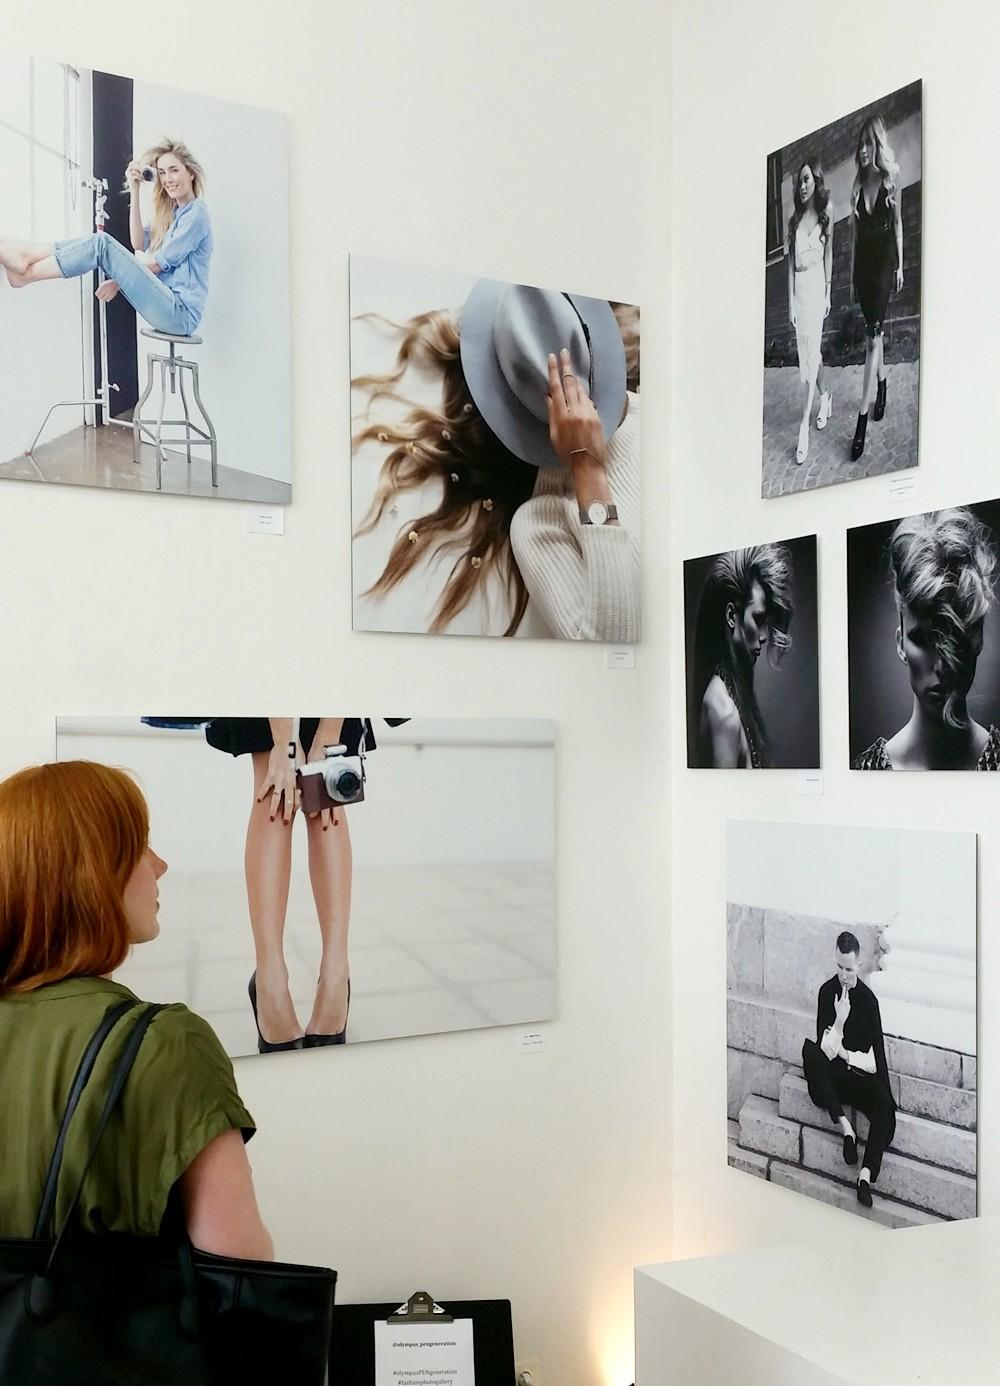 Olympus Pen Gallery